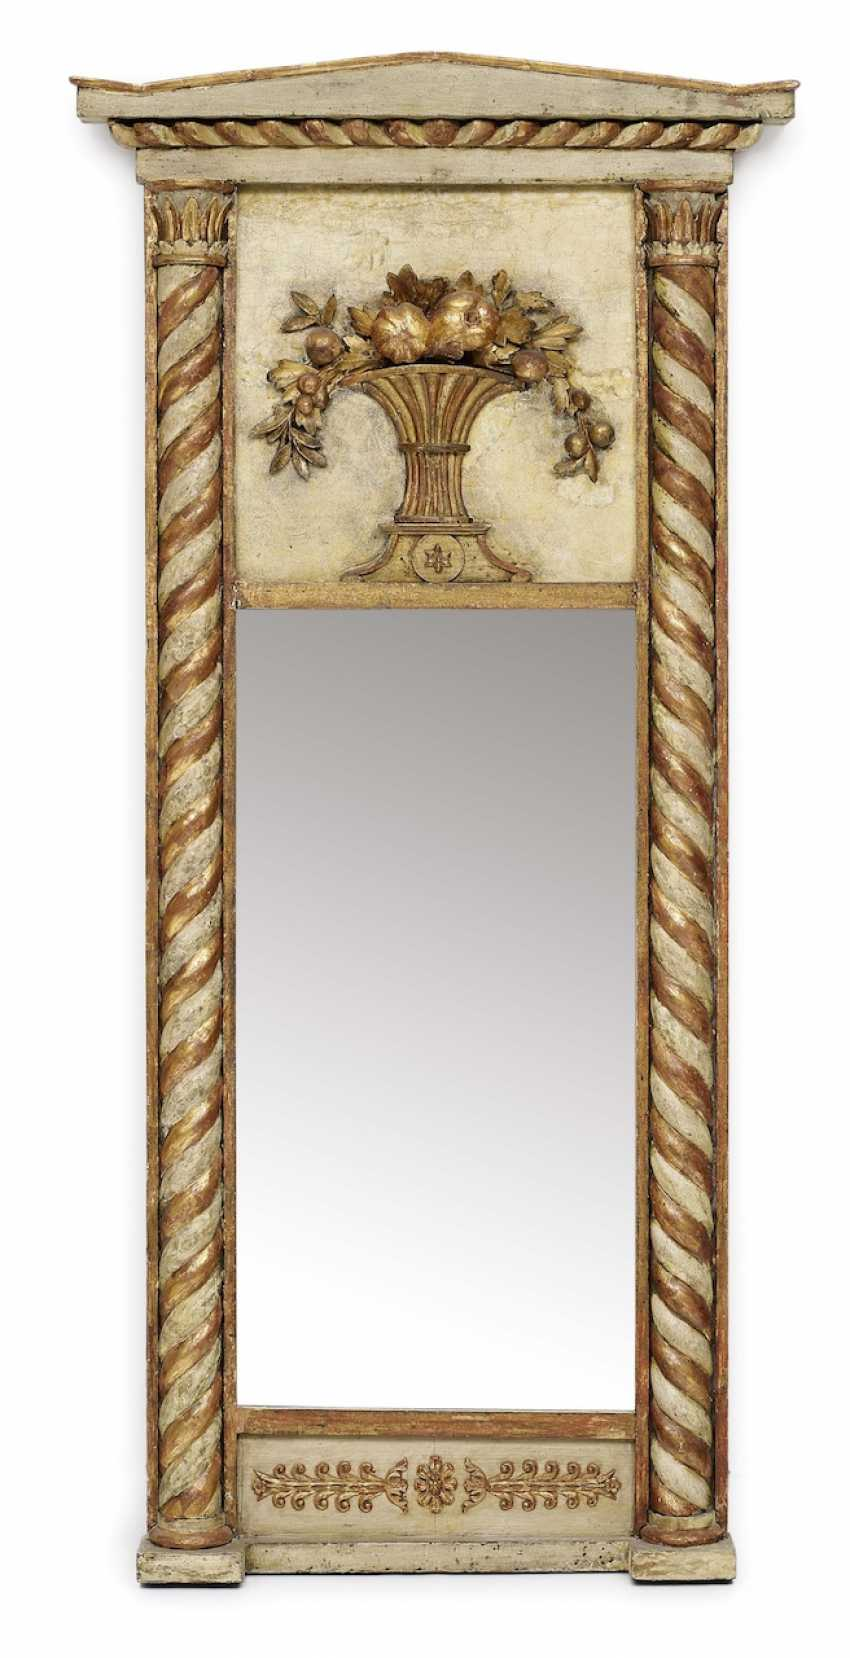 Trumeau mirror. Sweden, 19. Century - photo 1